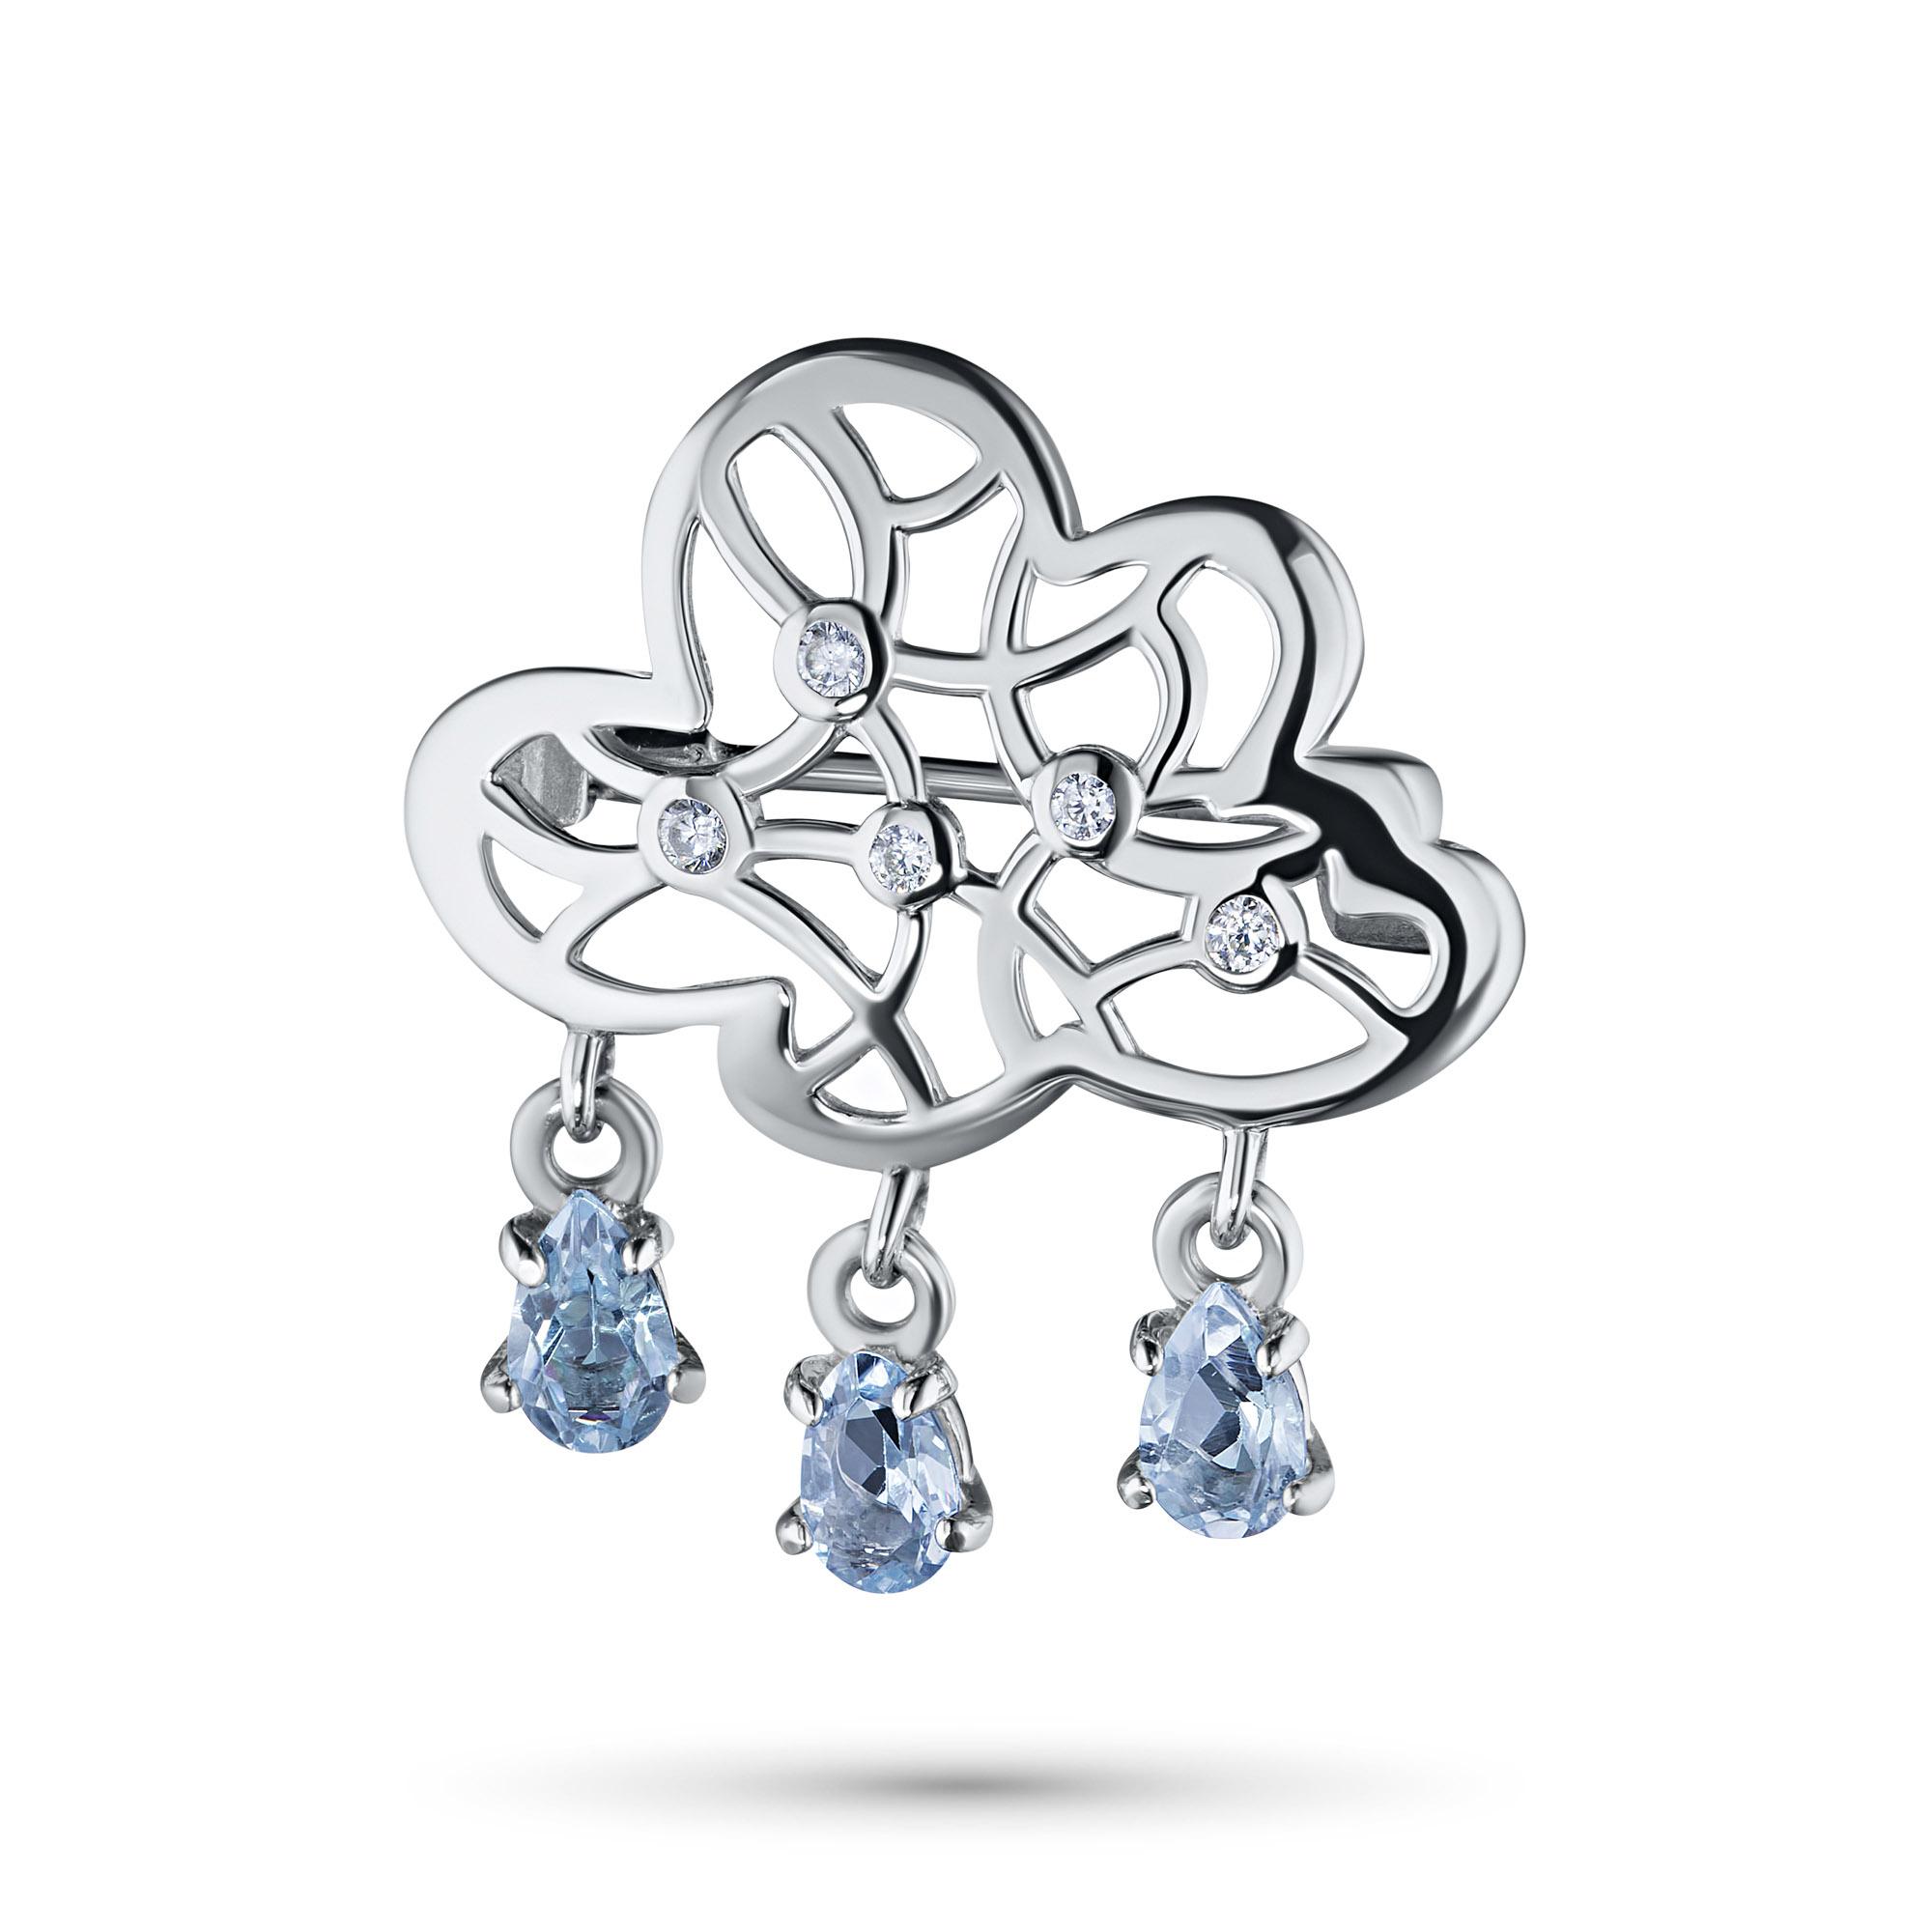 Брошь из серебра с топазом и фианитом э0609бш04200618 фото